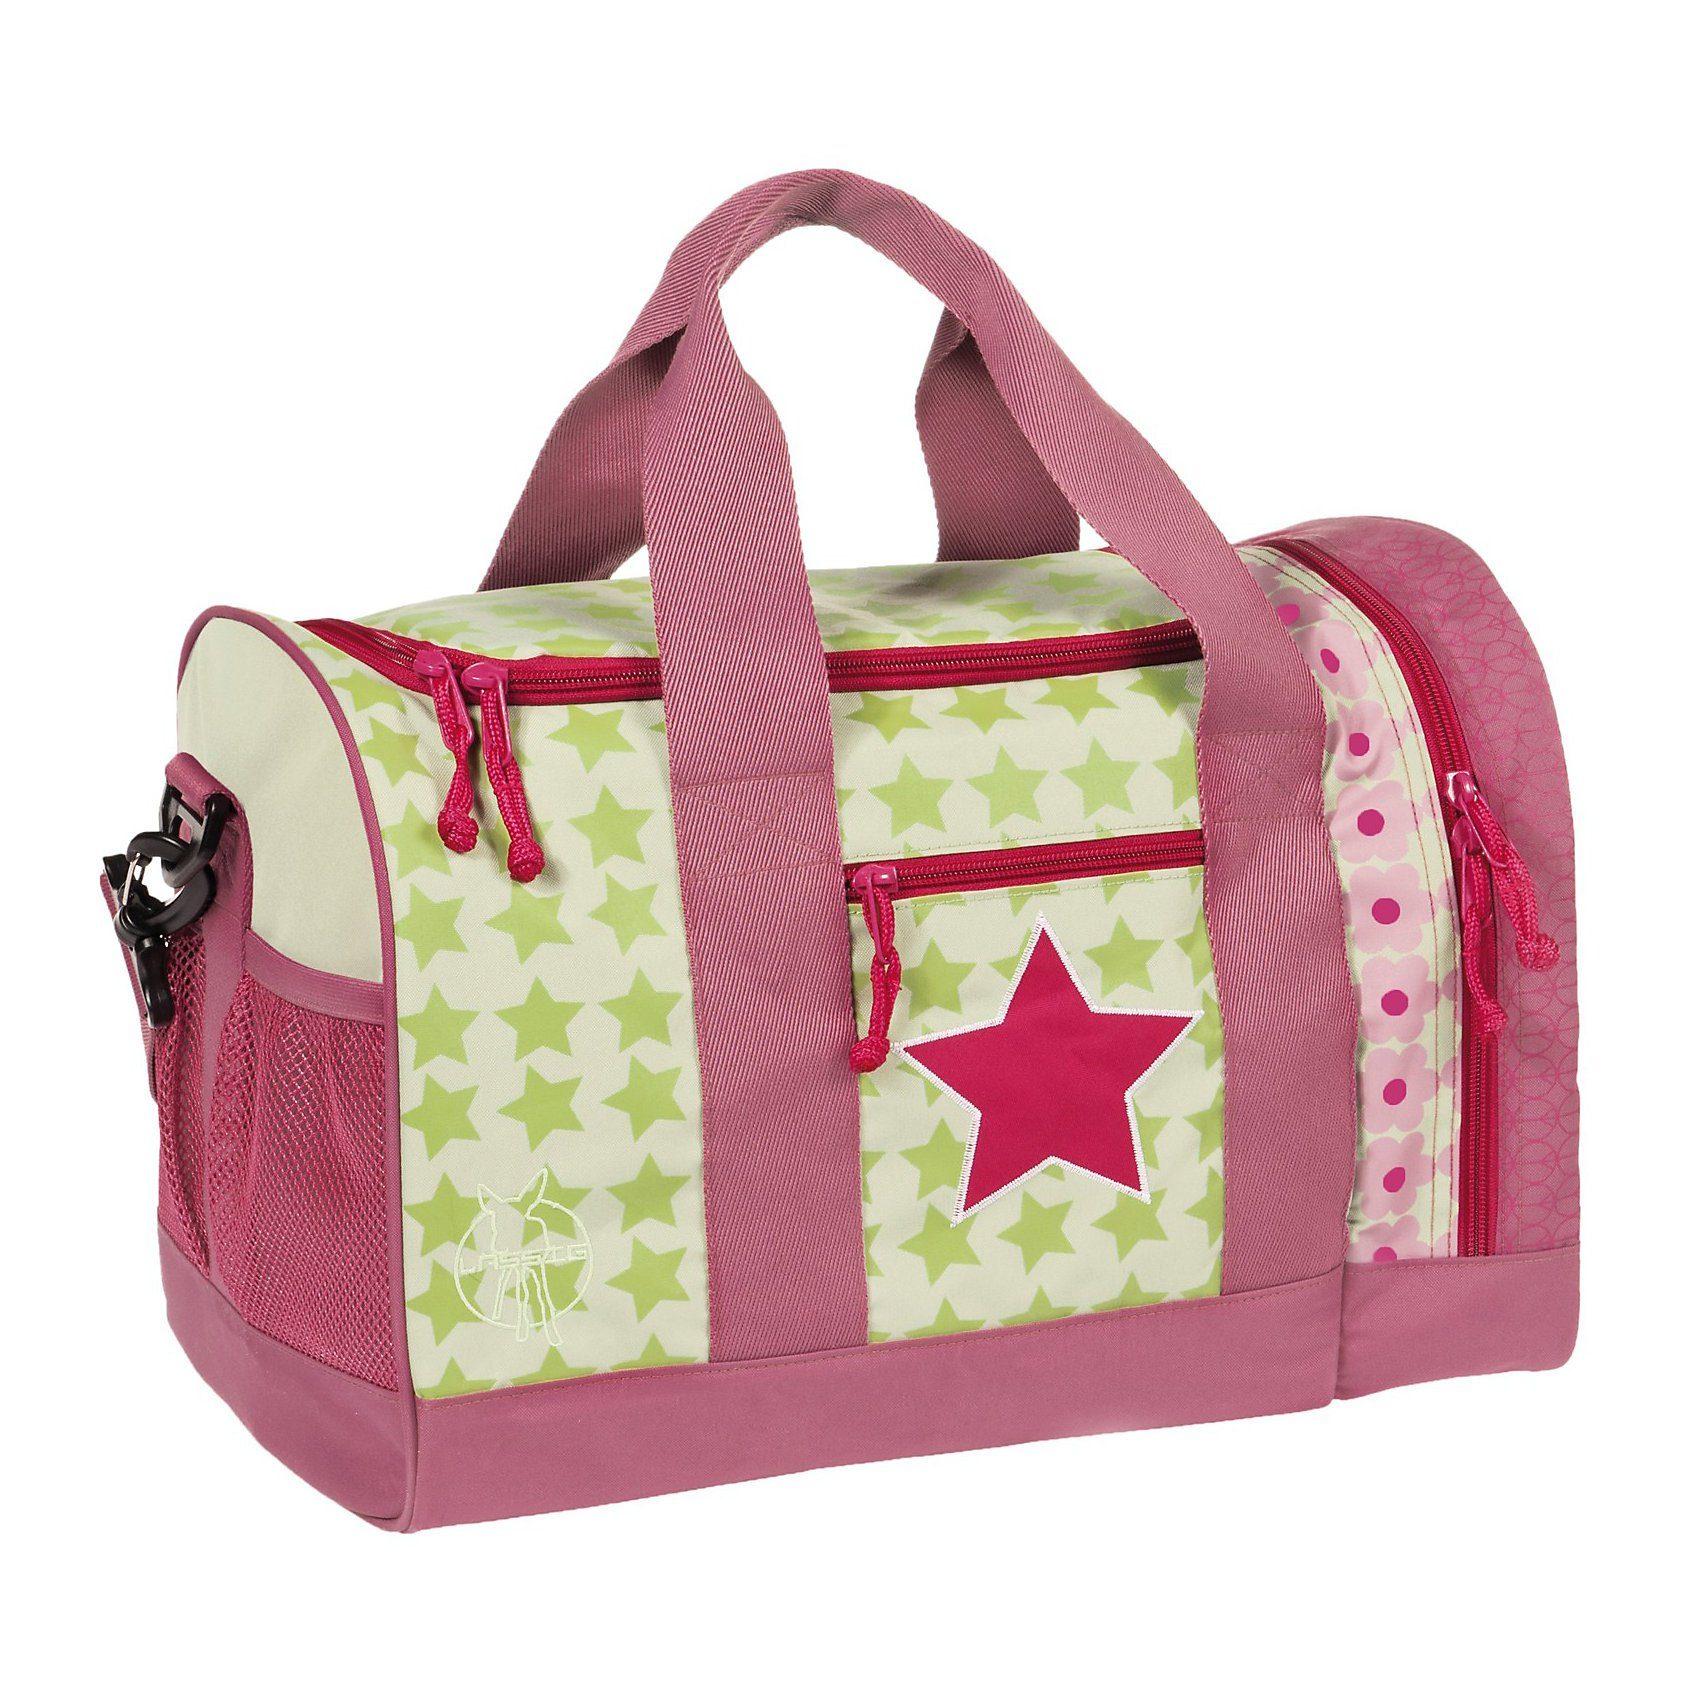 Lässig Kinder Sporttasche 4kids, Starlight magenta